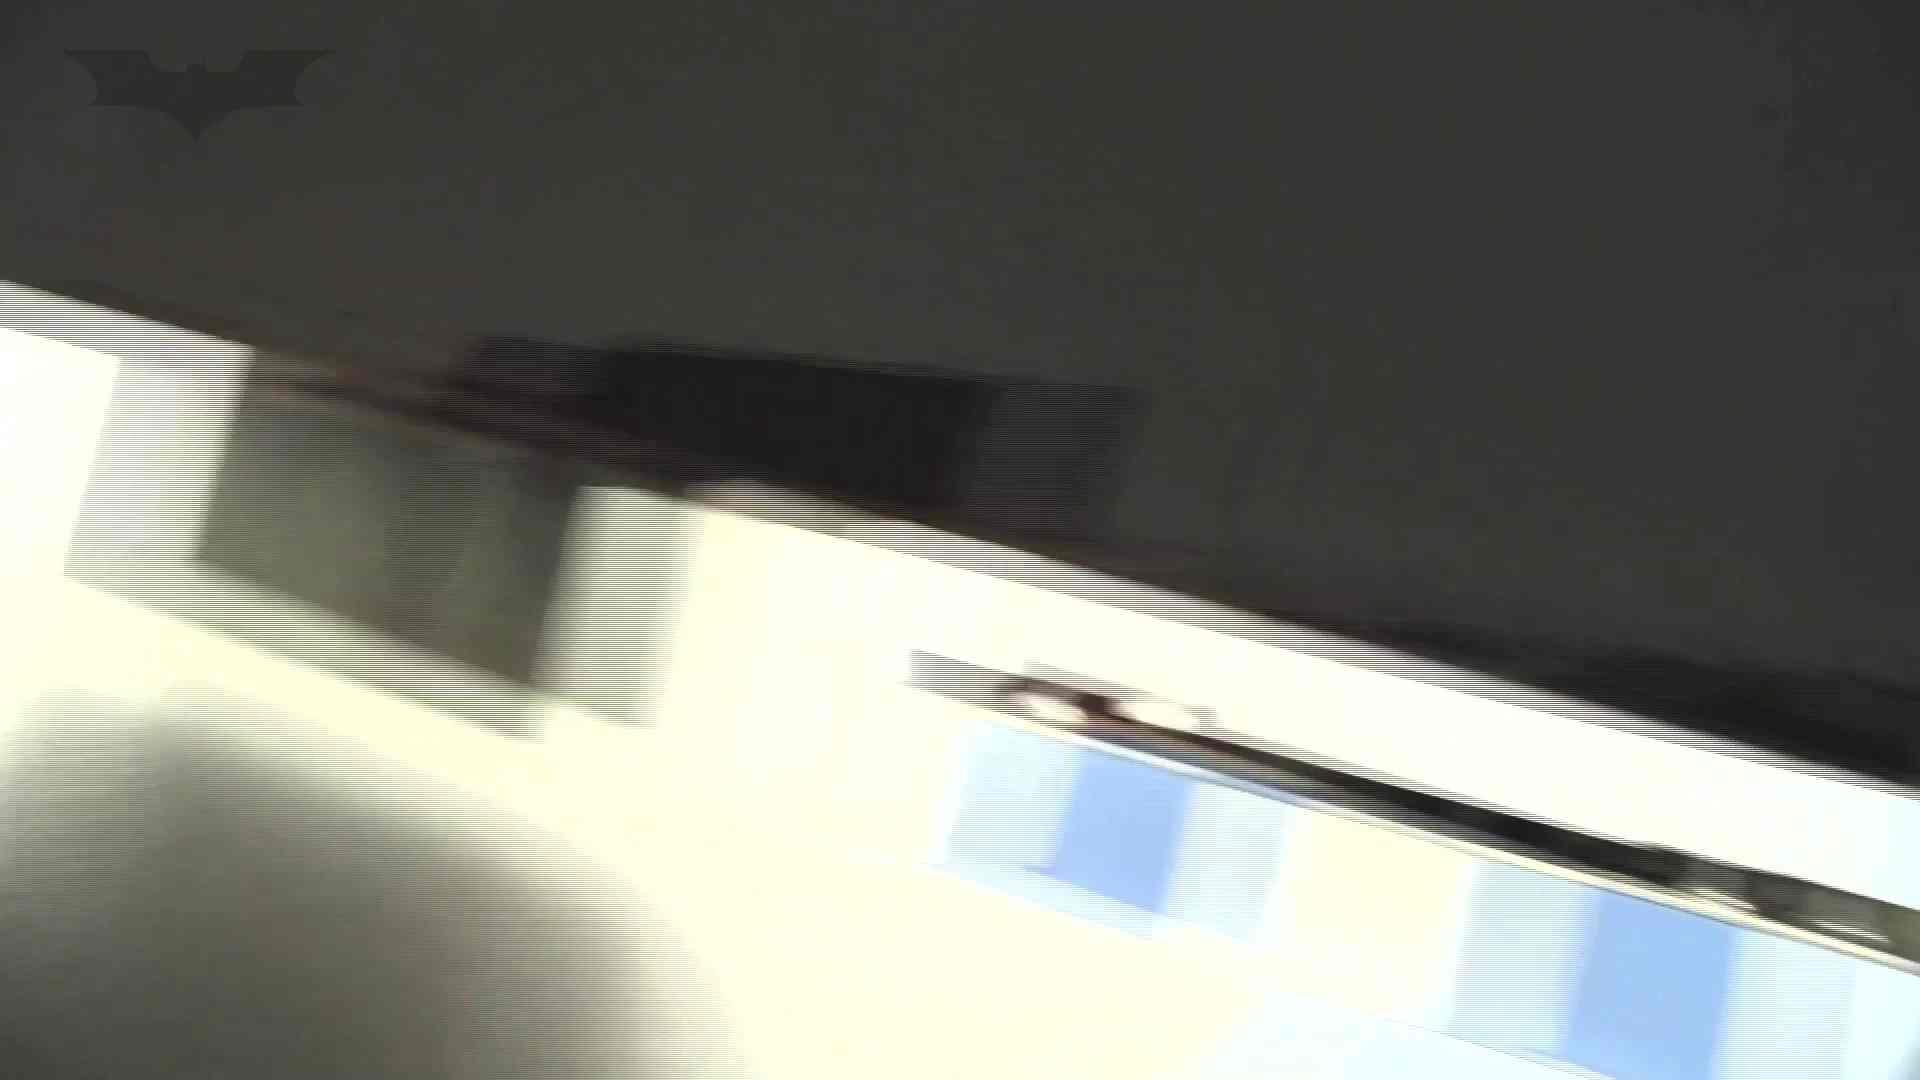 下からノゾム vol.029 レンズがこうもんに当たるほど 丸見え AV動画キャプチャ 79画像 51